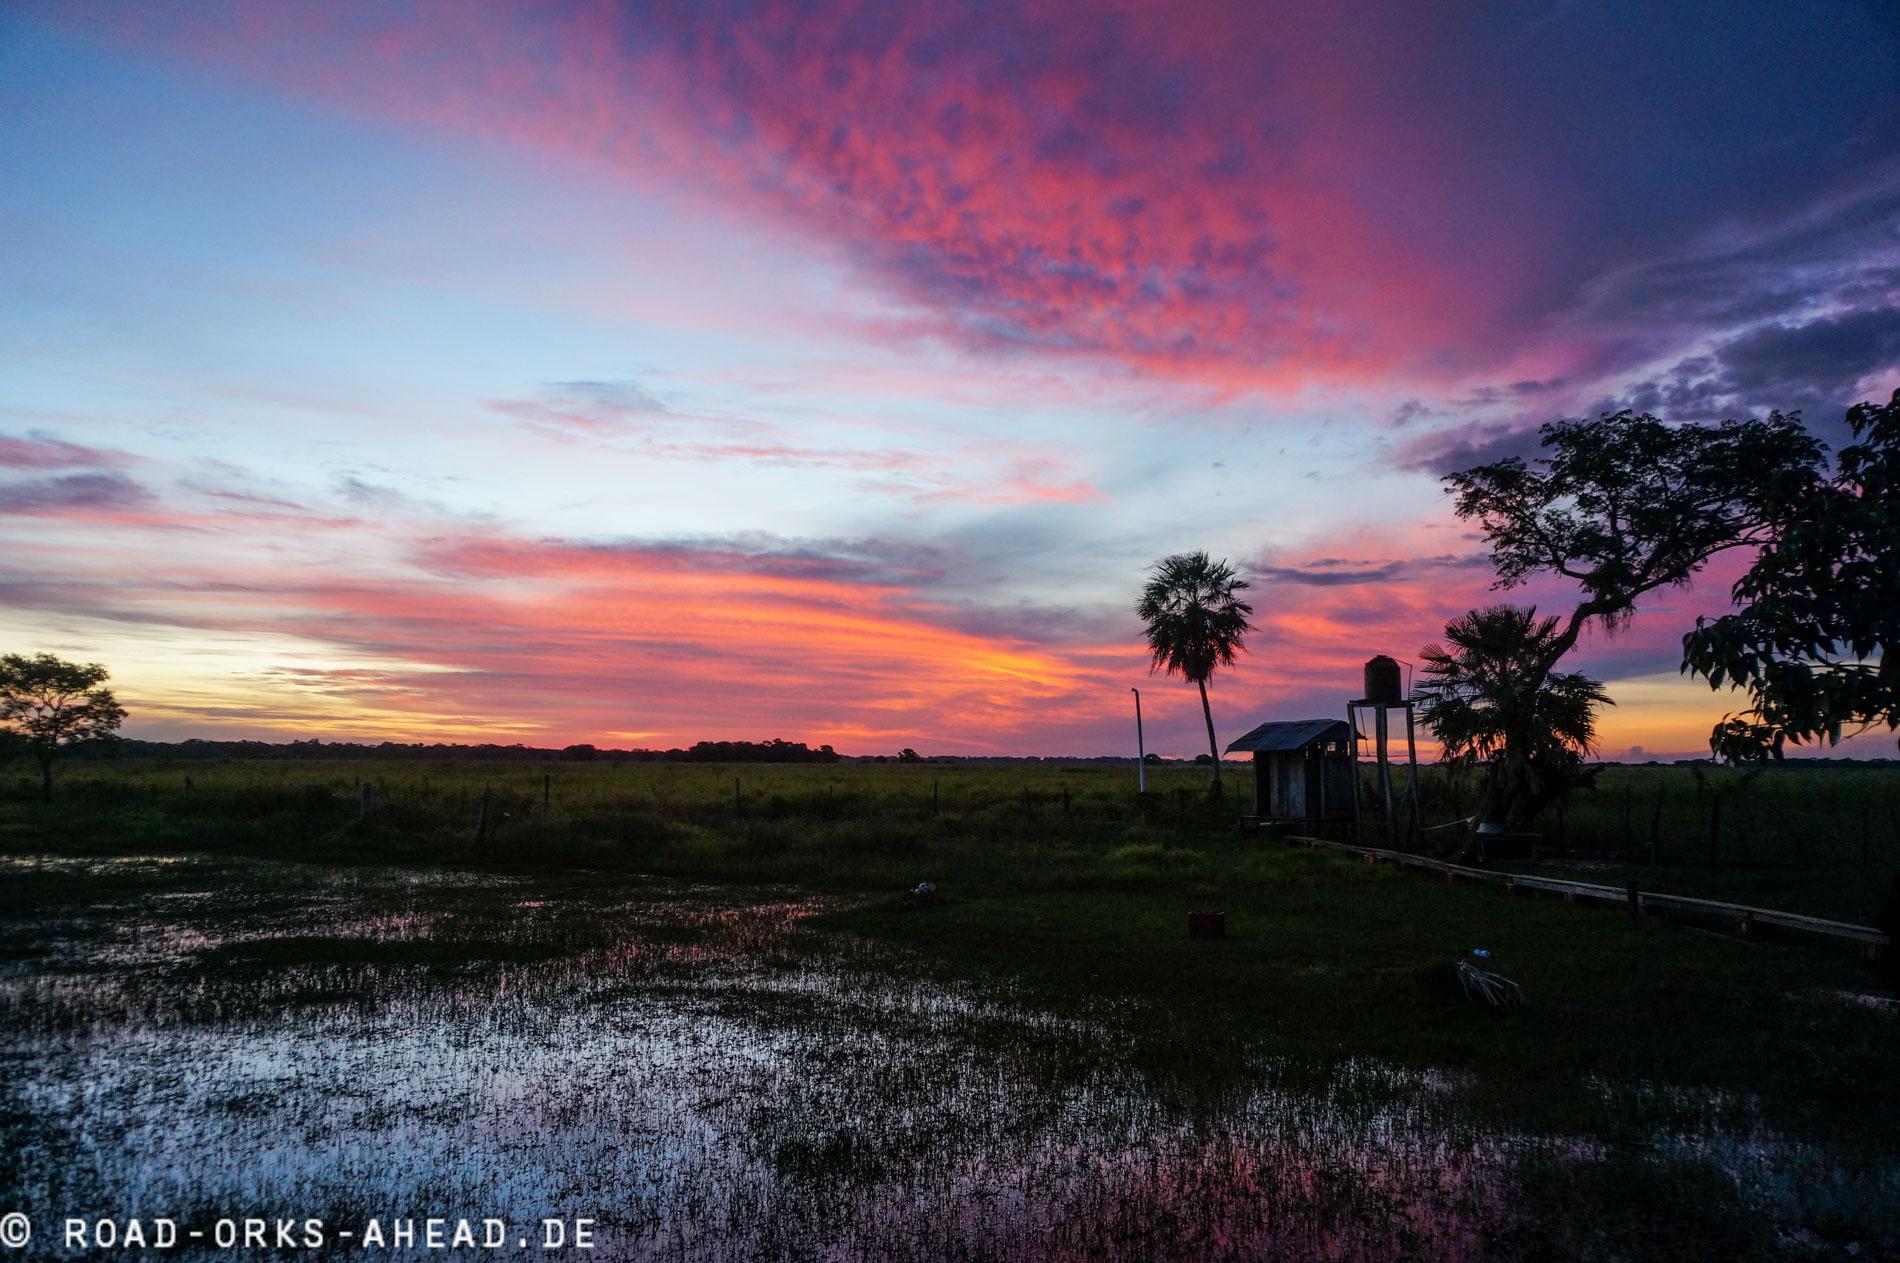 Sonnenuntergänge im Dschungel sind spitze